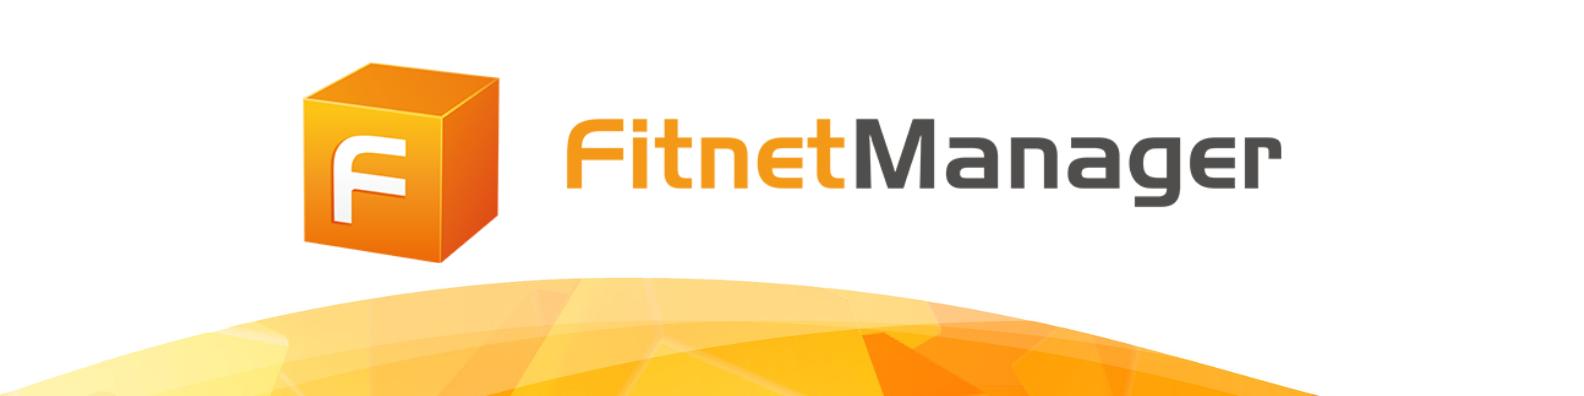 Avis Fitnet Manager : L'ERP préféré des cabinets de conseil et sociétés de service - appvizer